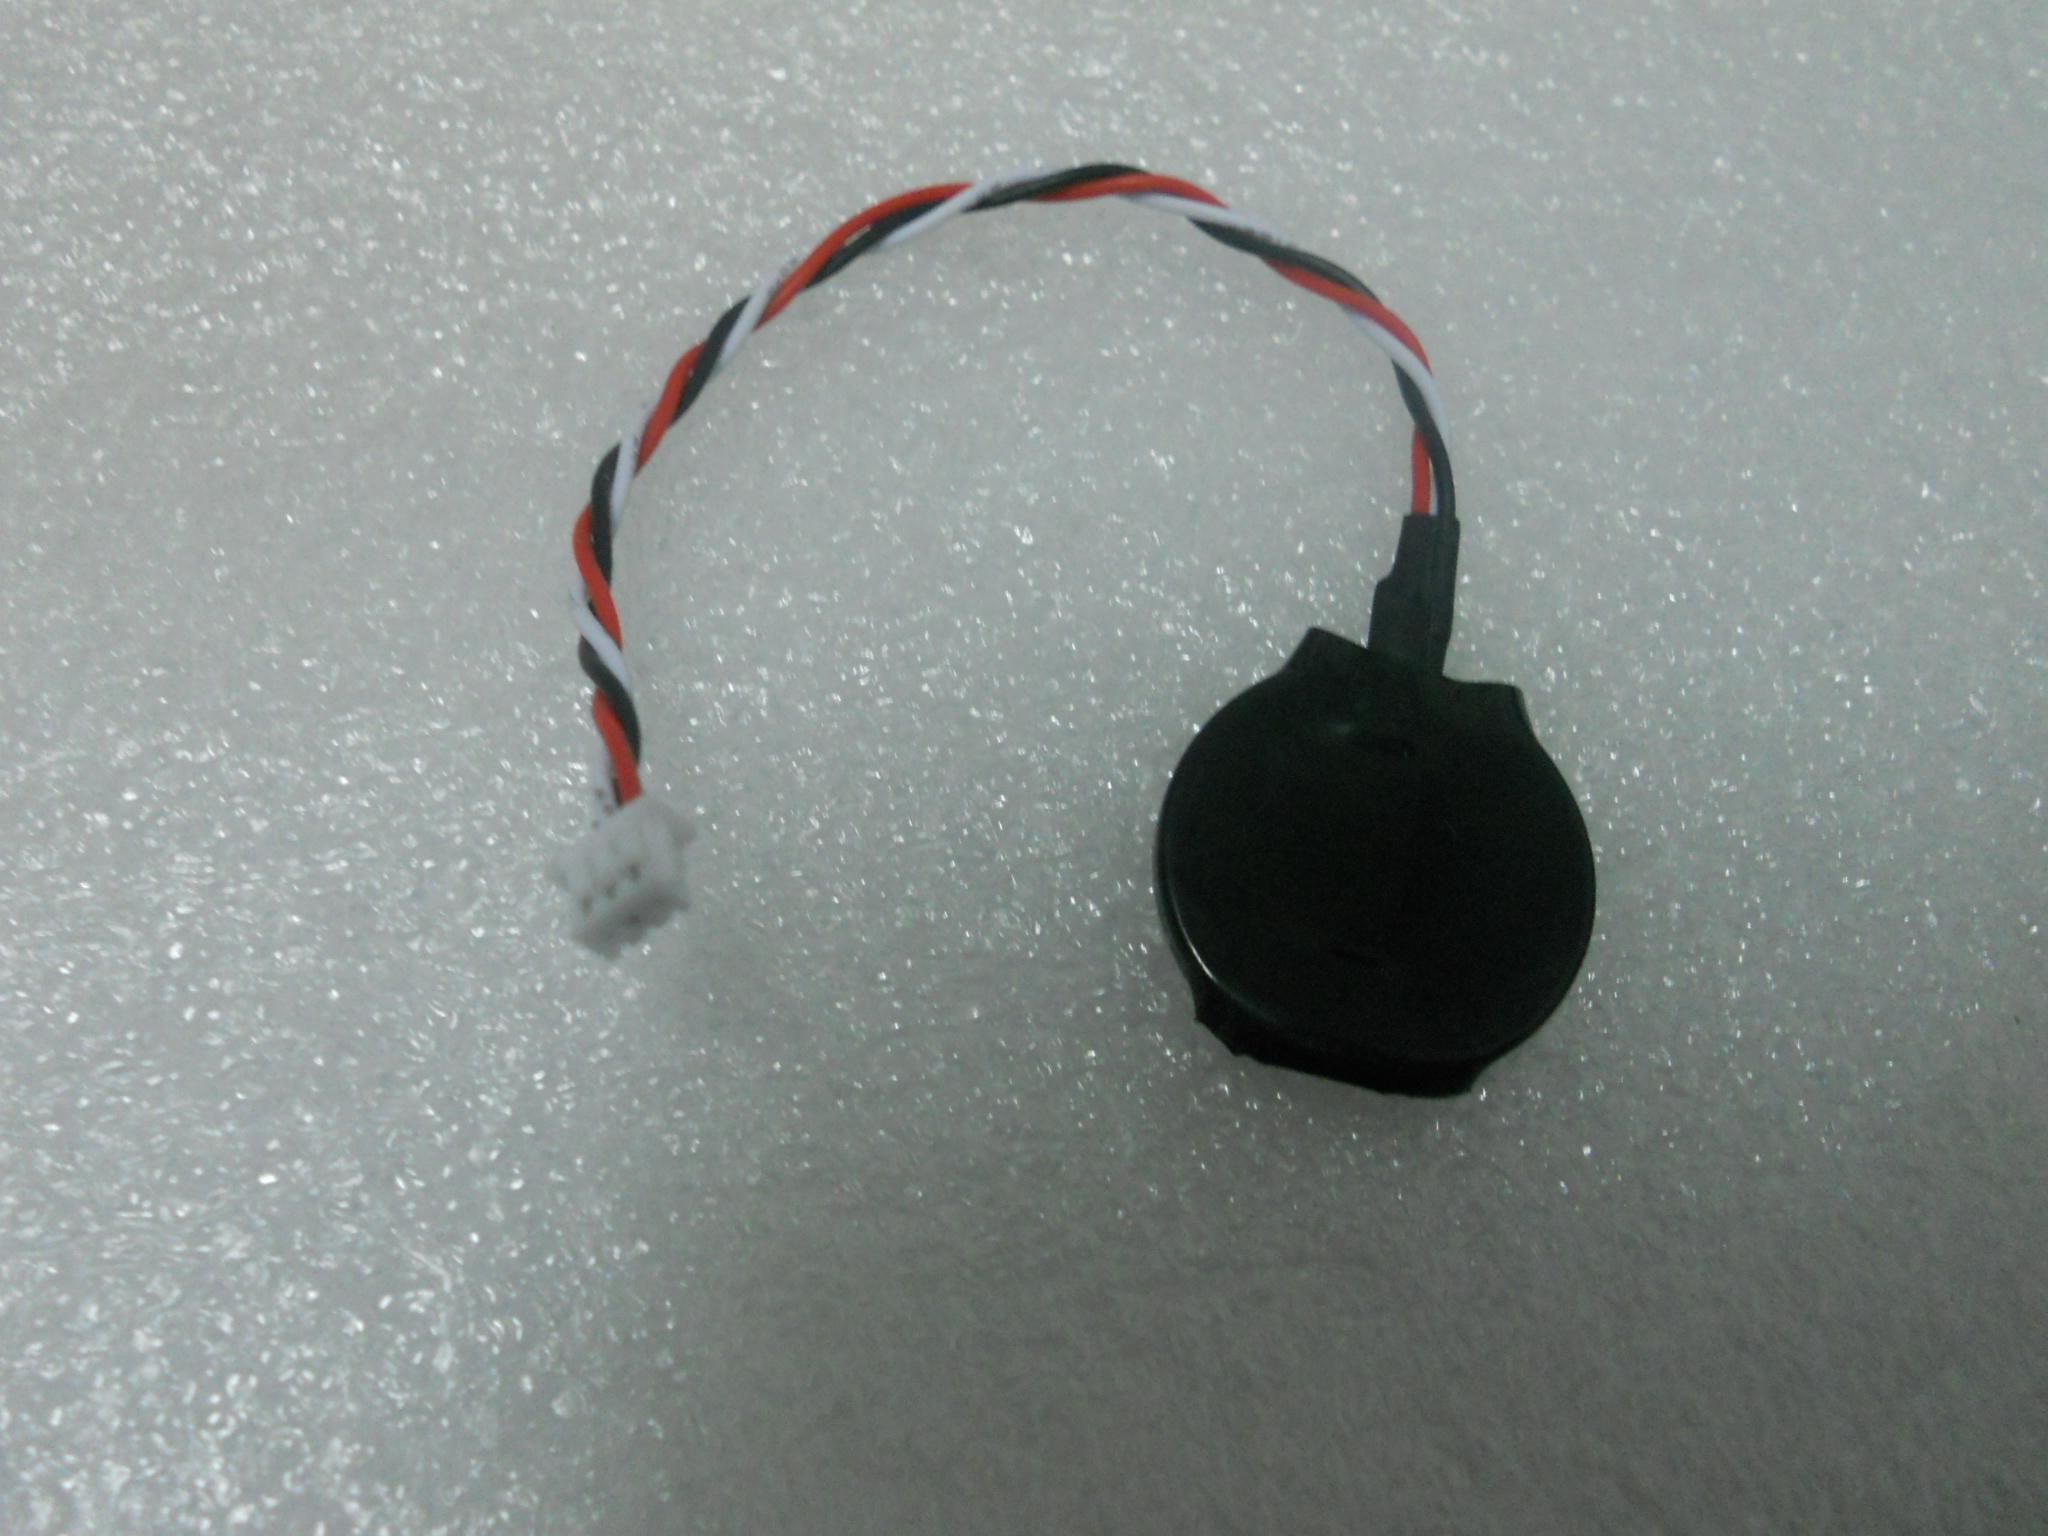 جديد CMOS RTC البطارية GC02000KH00 لديل خط العرض E6400 E6500 E5400 E4300